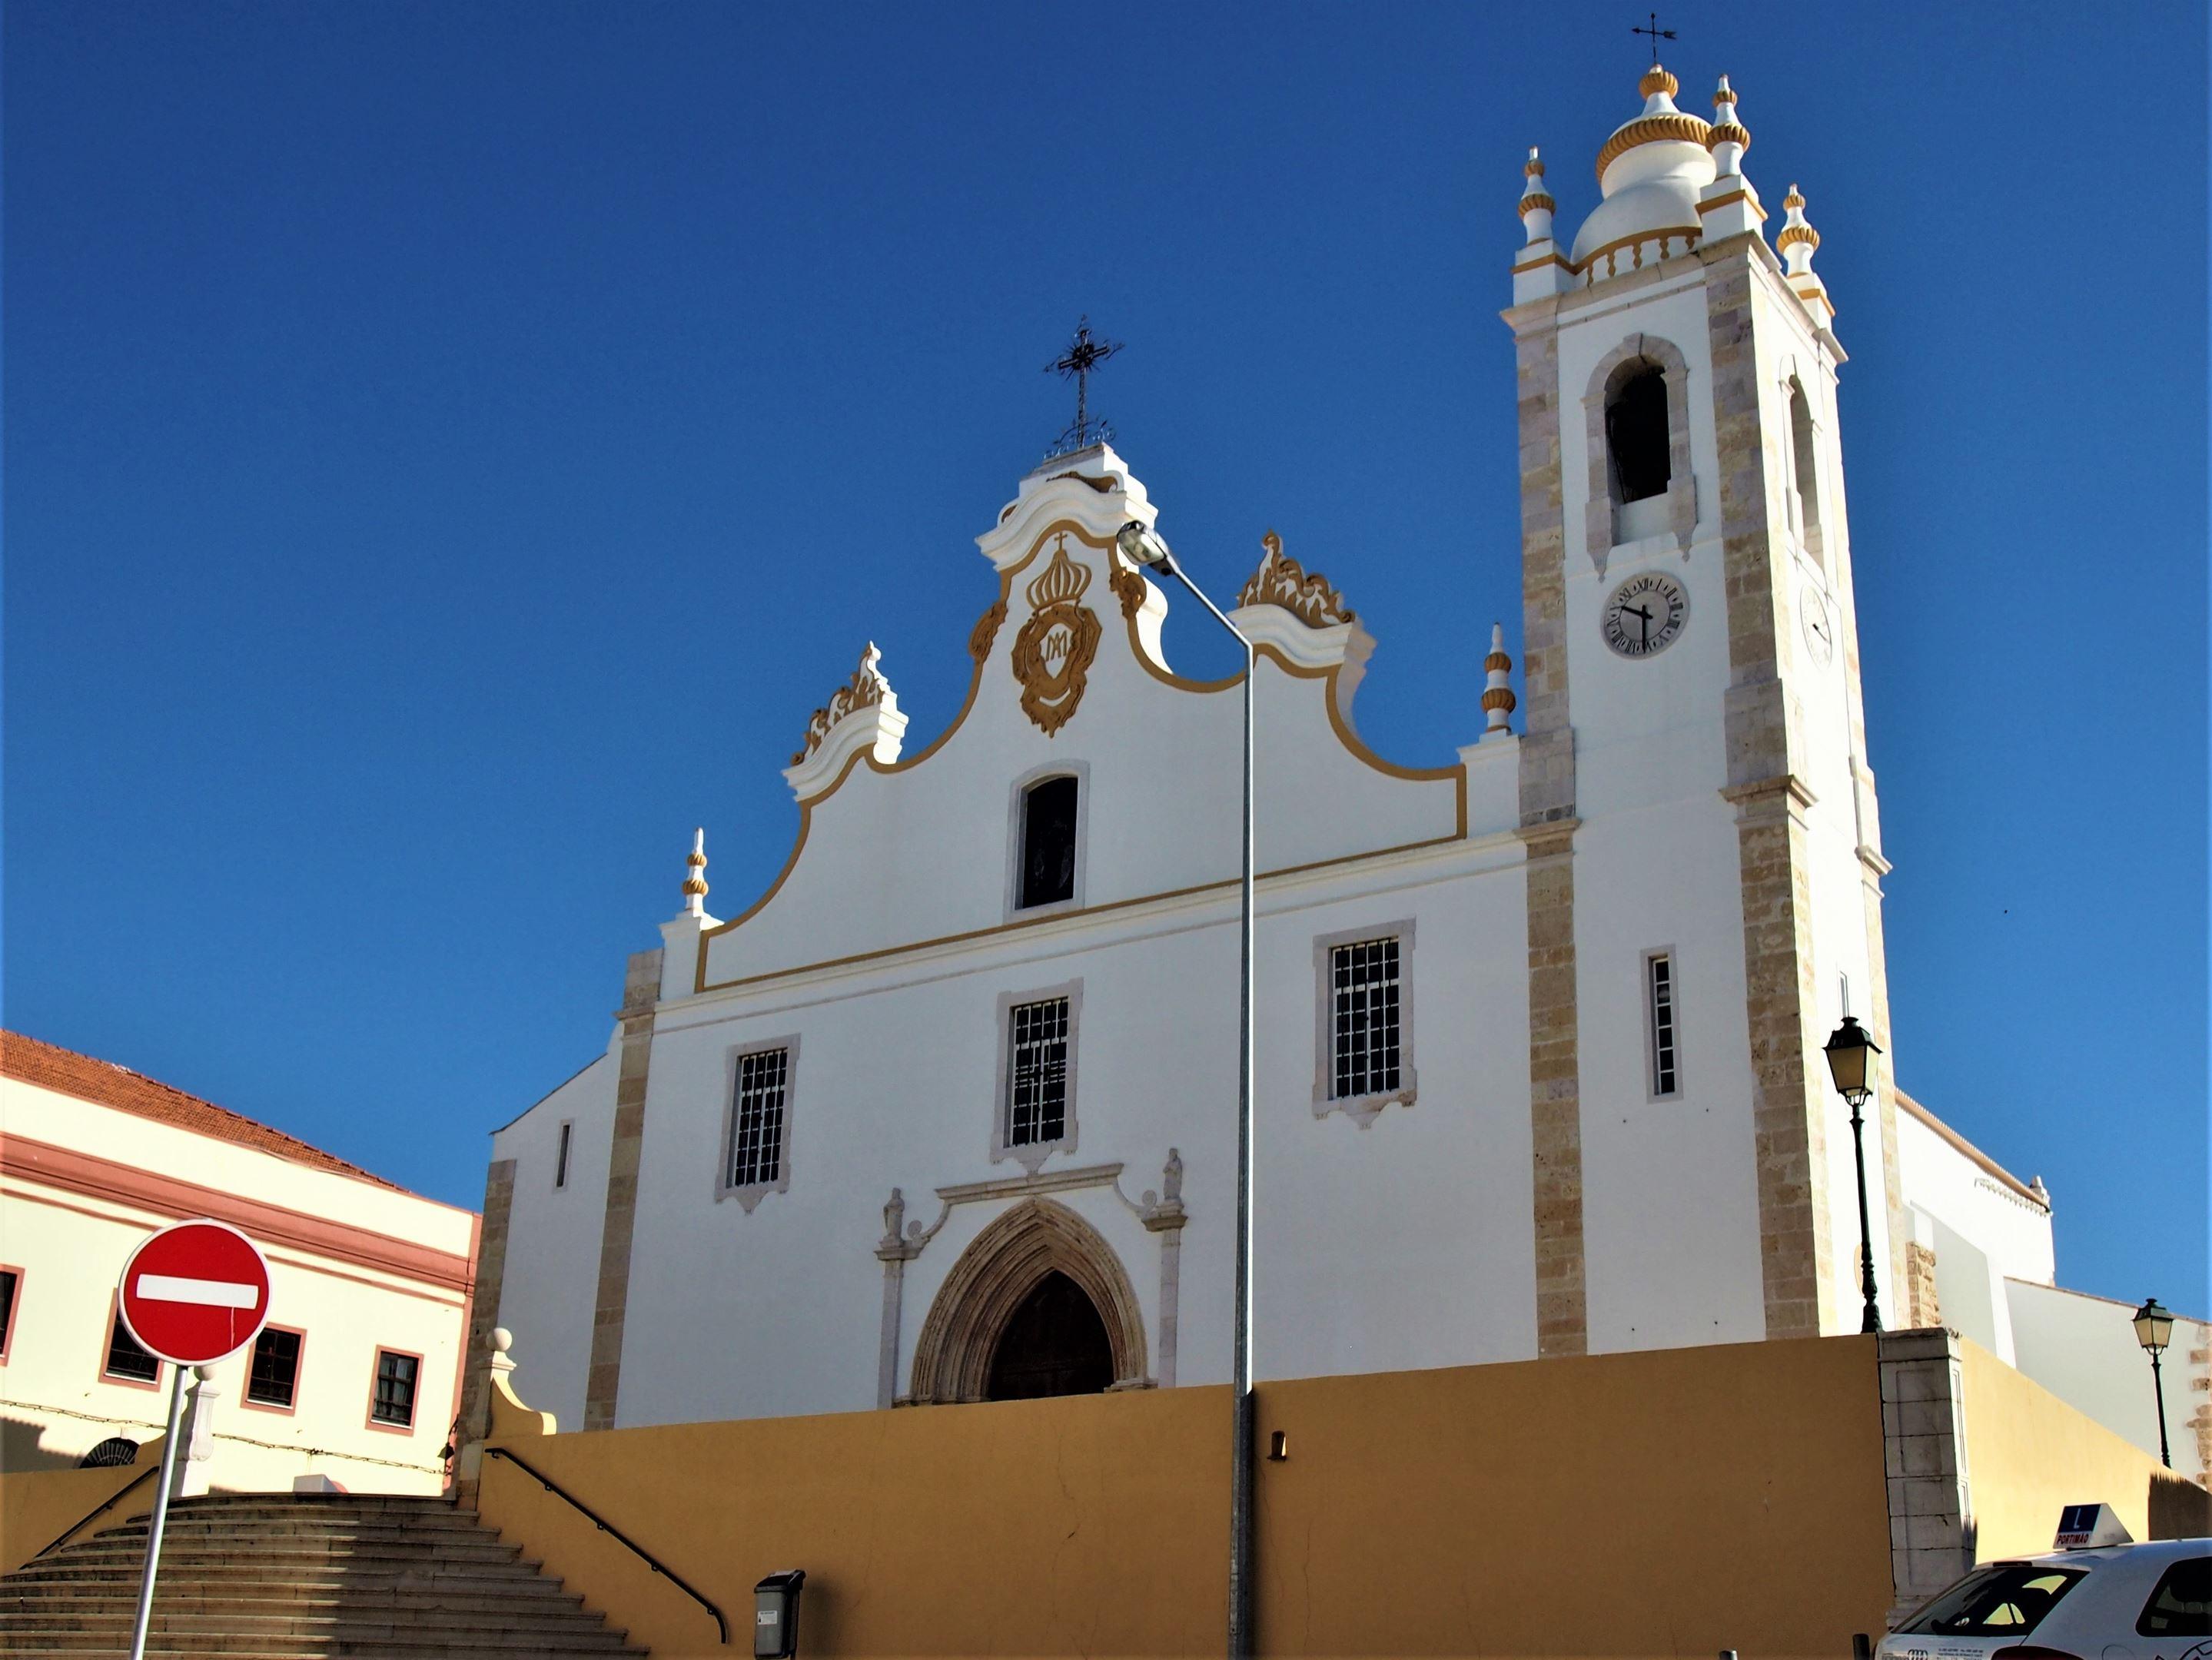 Igreja da Nossa Senhora da Conceição, la iglesia matriz de Portimão